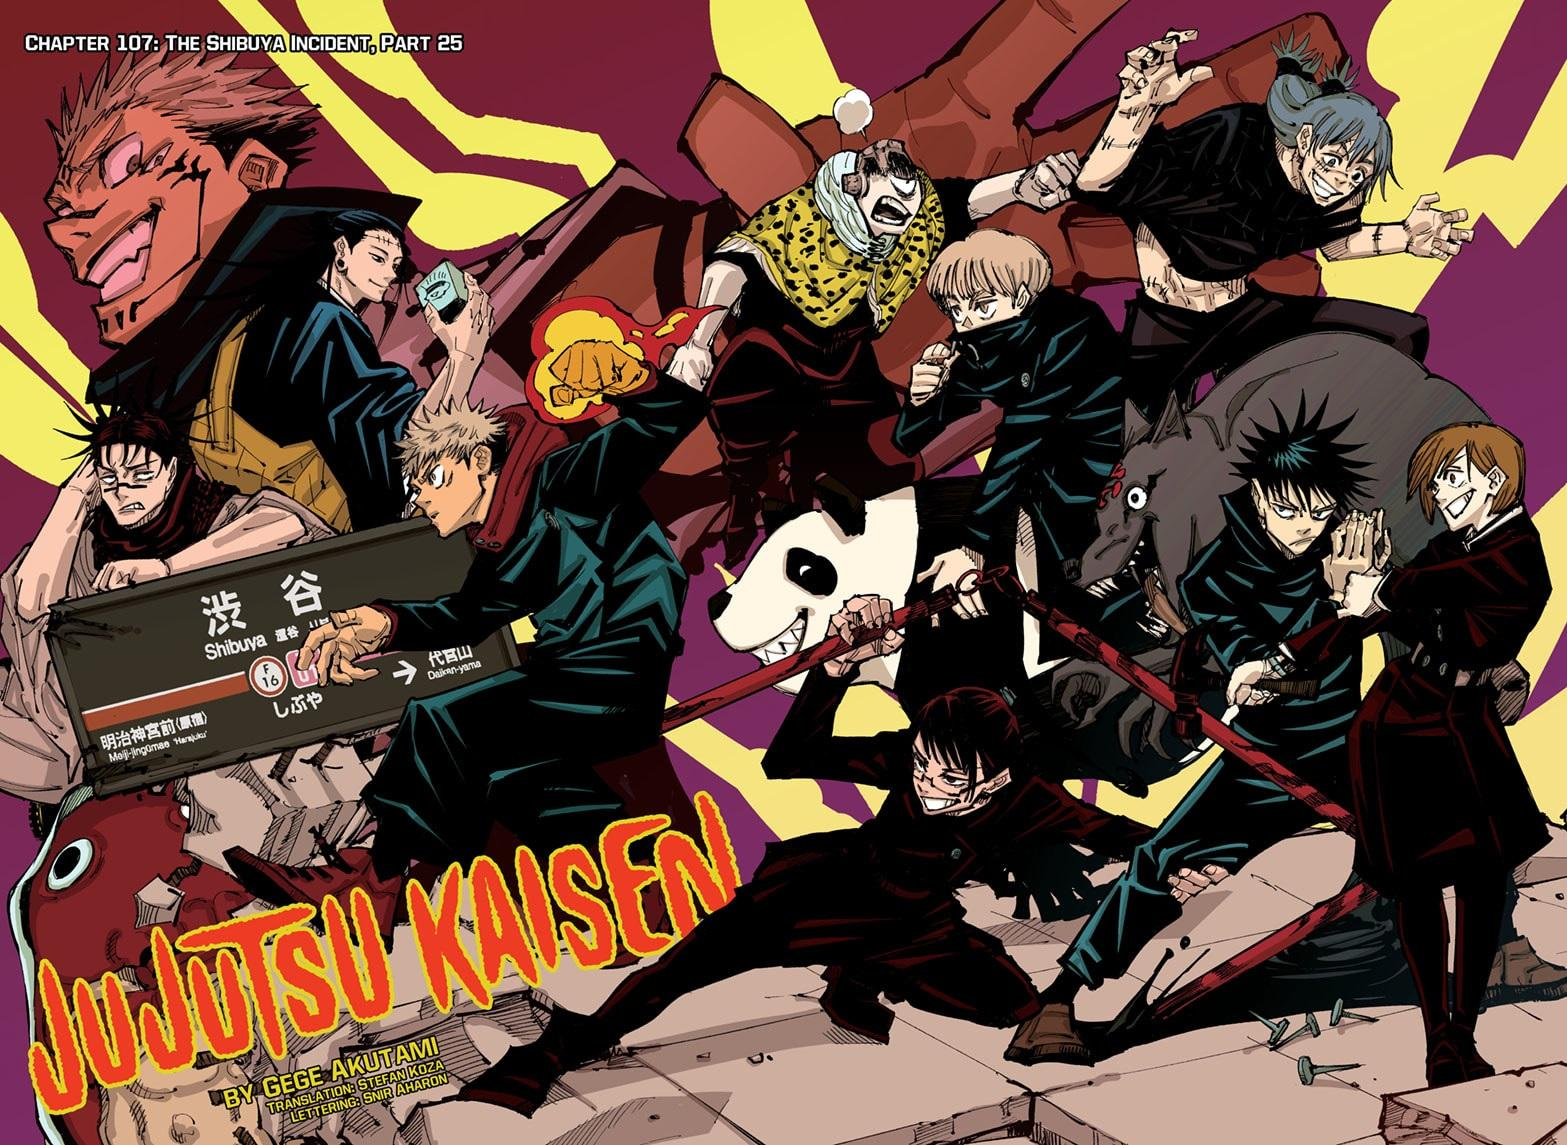 Jujutsu Kaisen manga, Jujutsu Kaisen, Sorcery Fight manga, jujutsu kaisen episode 14, jujutsu kaisen episode 14 release date, jujutsu kaisen ep 14, jujutsu kaisen episode 13, how many episodes of jujutsu kaisen are out, jujutsu kaisen ep 13, jujutsu kaisen ep 14 release date, jujutsu kaisen new episode release date, jujutsu kaisen 14, how many episodes are in jujutsu kaisen, jujutsu kaisen episodes release date, jujutsu kaisen season 2 release date, how many episodes of jujutsu kaisen, geto jujutsu kaisen, megumi jujutsu kaisen, sukuna jujutsu kaisen, jujutsu kaisen myanimelist, jujutsu kaisen main character,